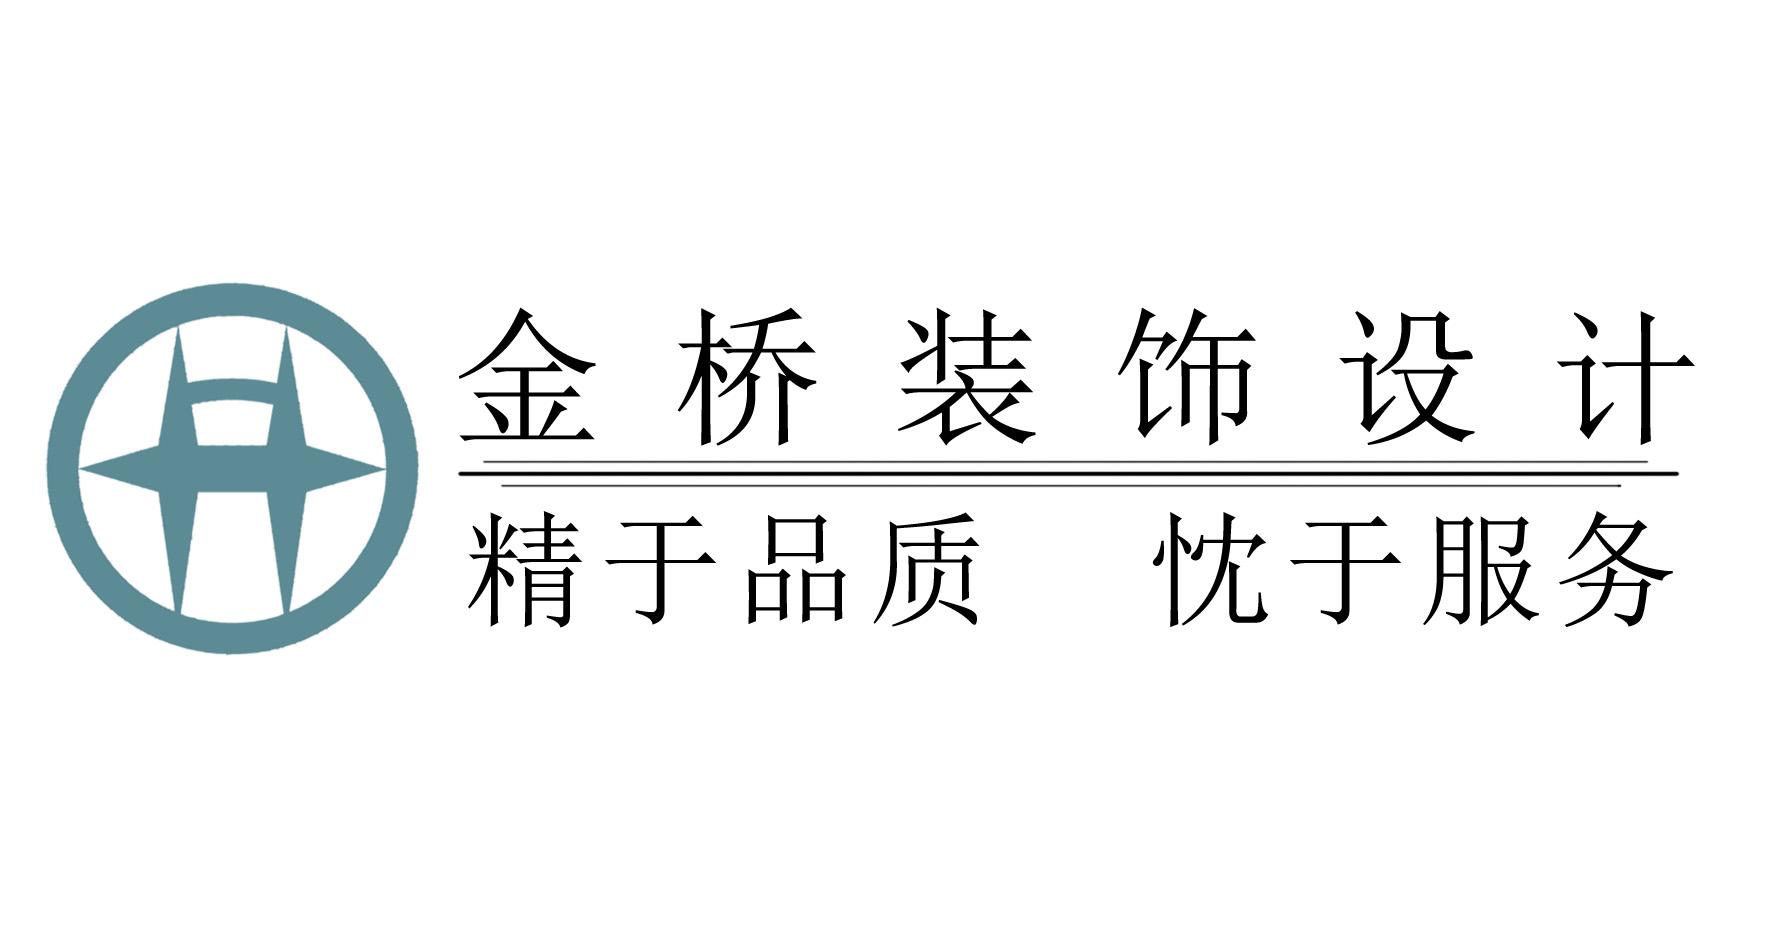 滁州金桥装饰设计工程有限公司 - 滁州装修公司